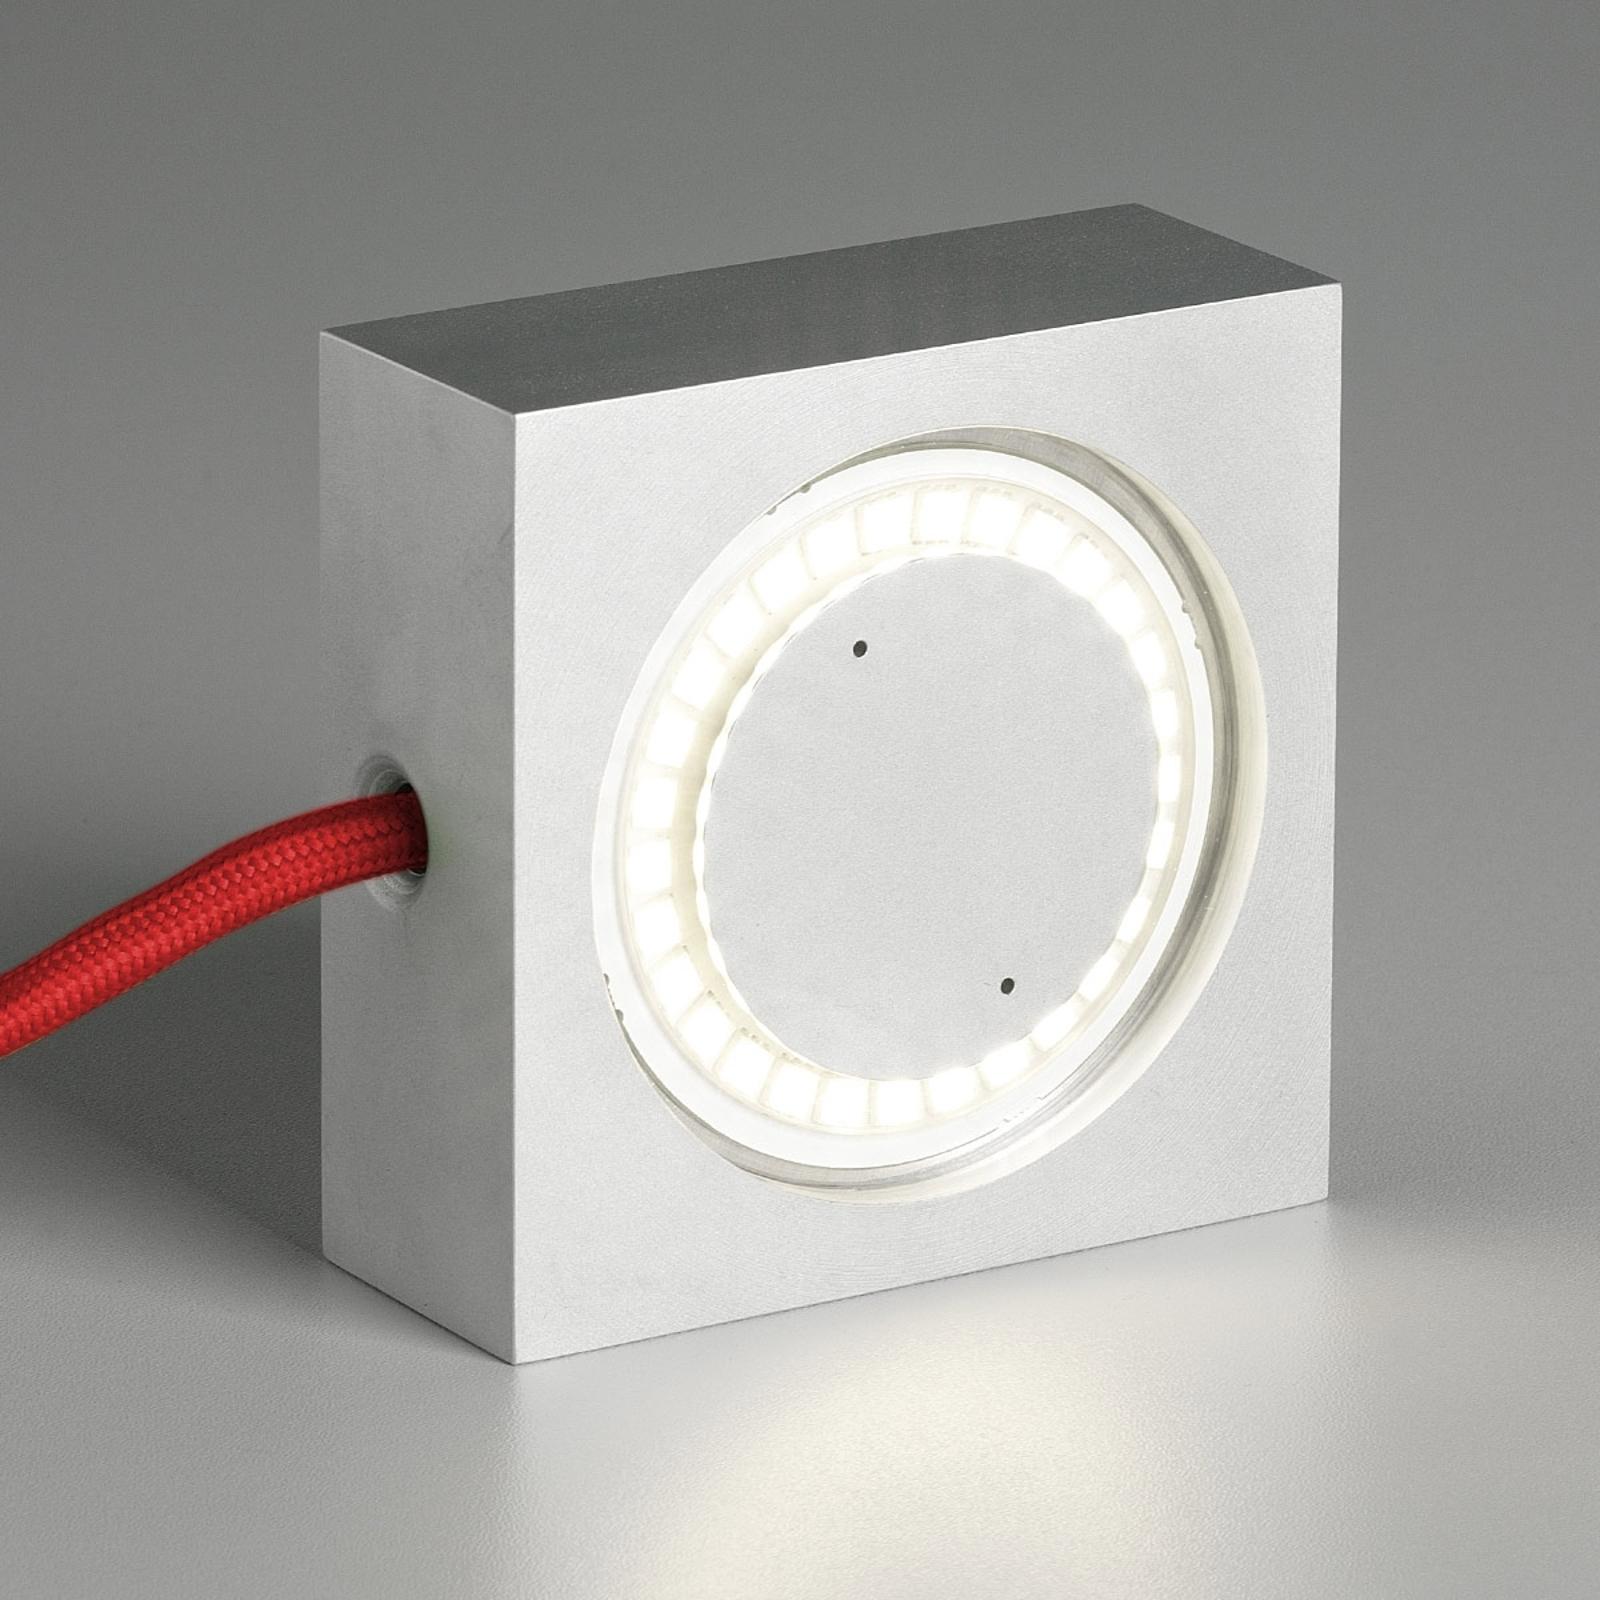 TECNOLUMEN Square LED-Tischleuchte rote Zuleitung